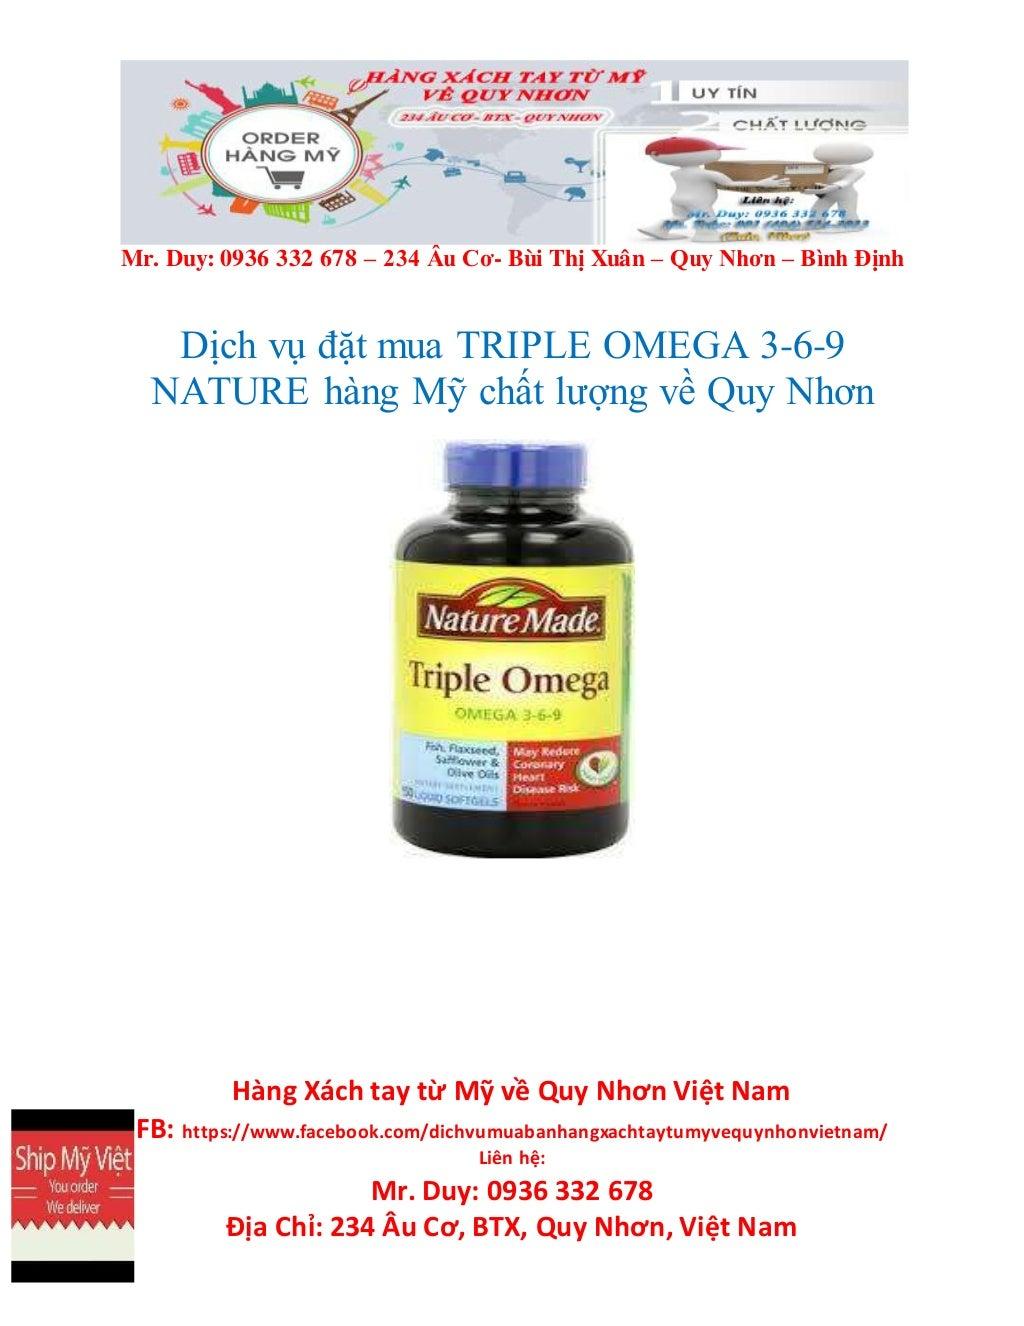 Dịch vụ đặt thực phẩm chức năng xách tay về Quy Nhơn uy tín - Magazine cover